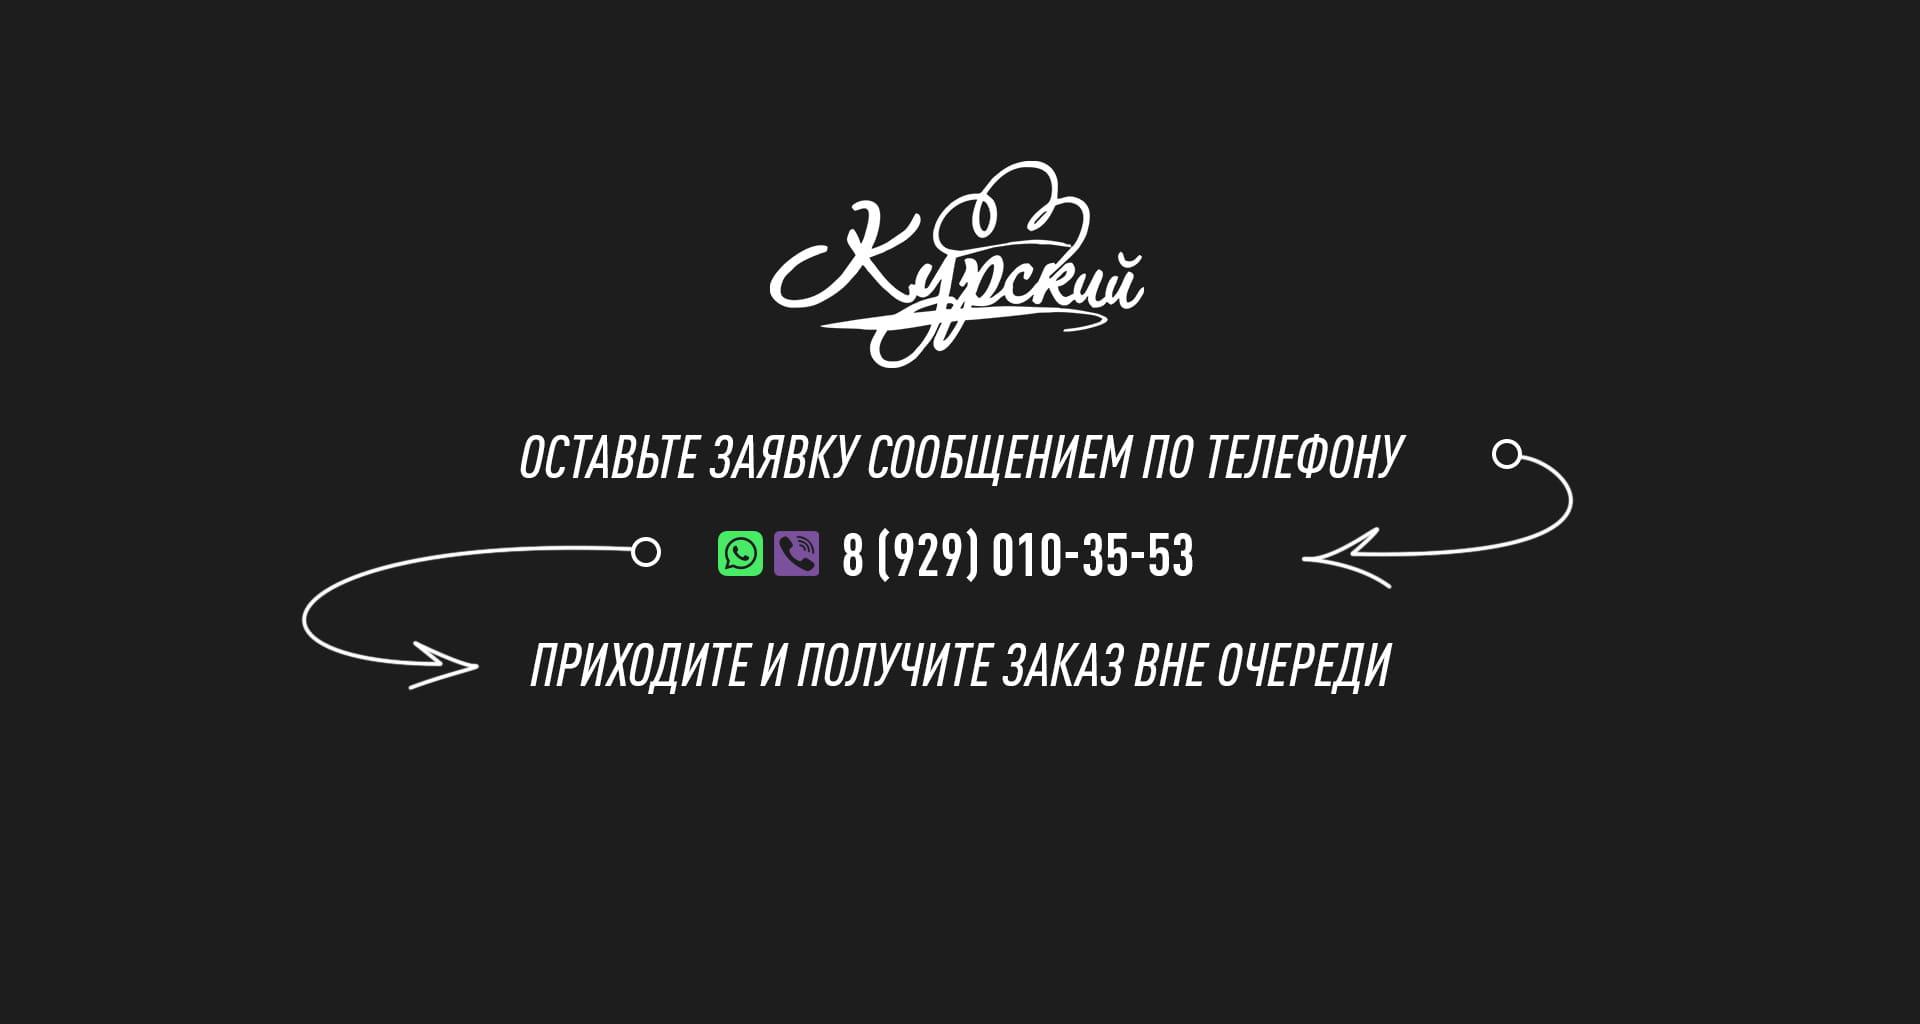 Заказ продуктов по телефону